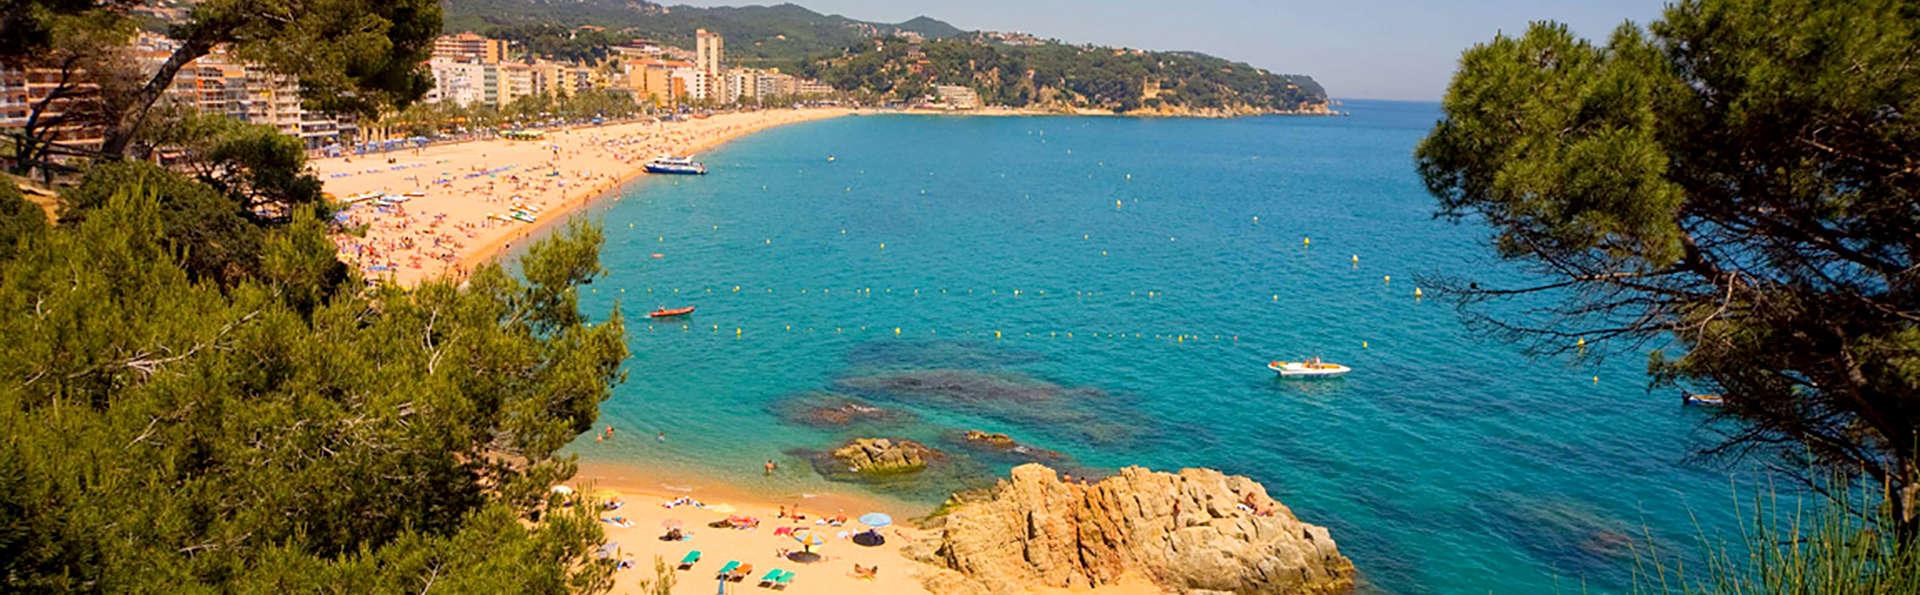 Geniet van het comfort en de zon aan de Costa Brava